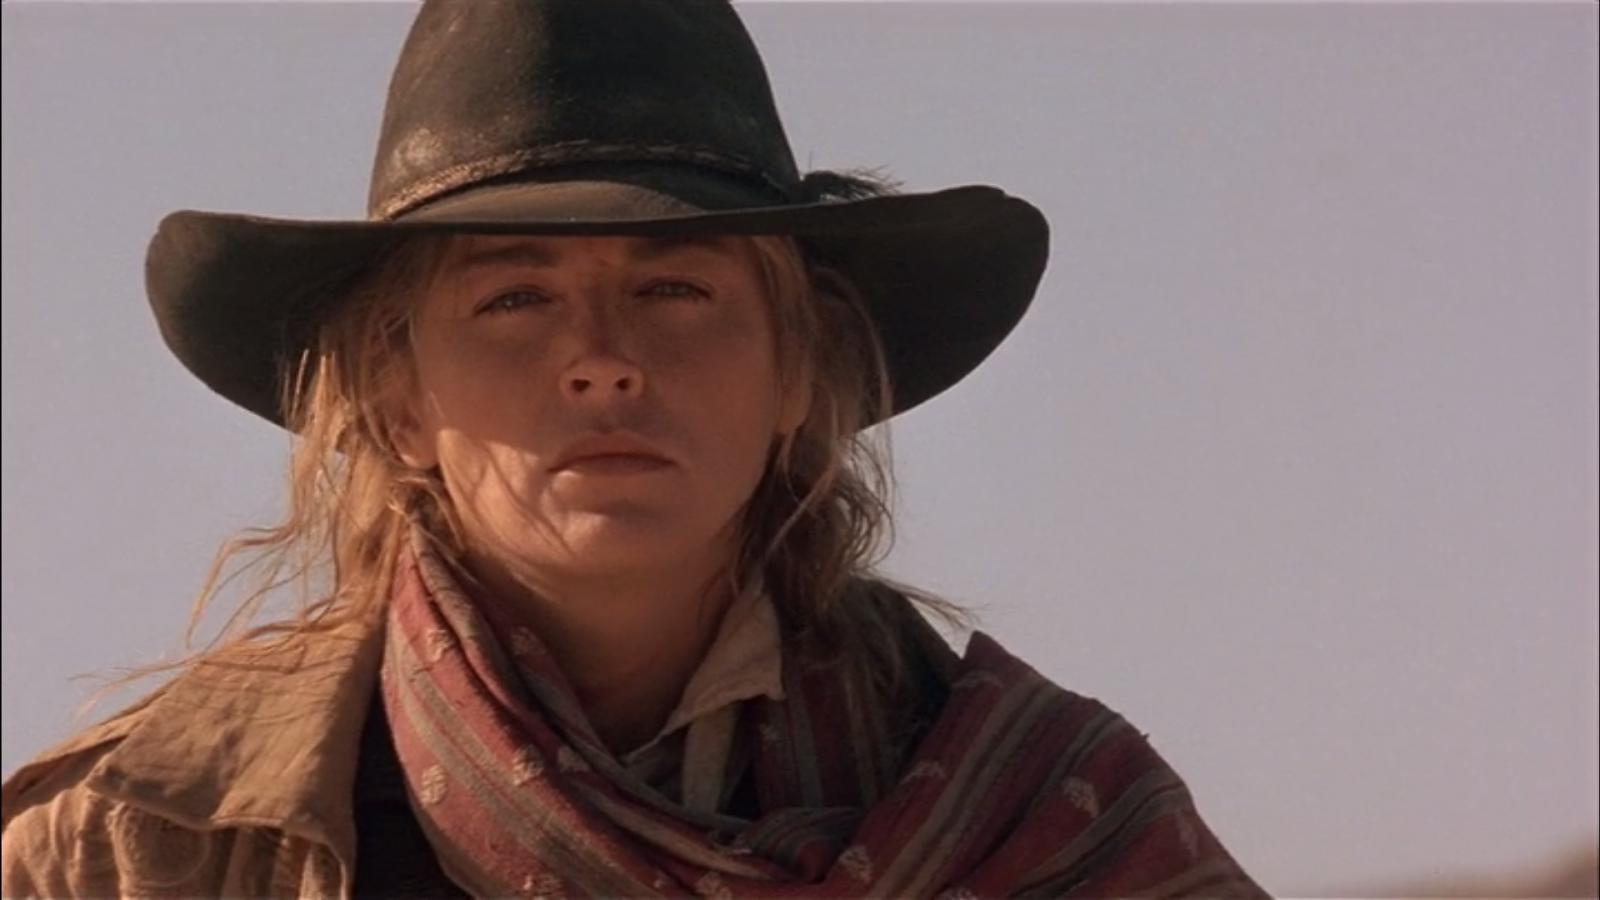 Är det Clint Eastwood eller bara en väldigt bajsnödig Sharon Stone? Foto: TriStar Pictures.